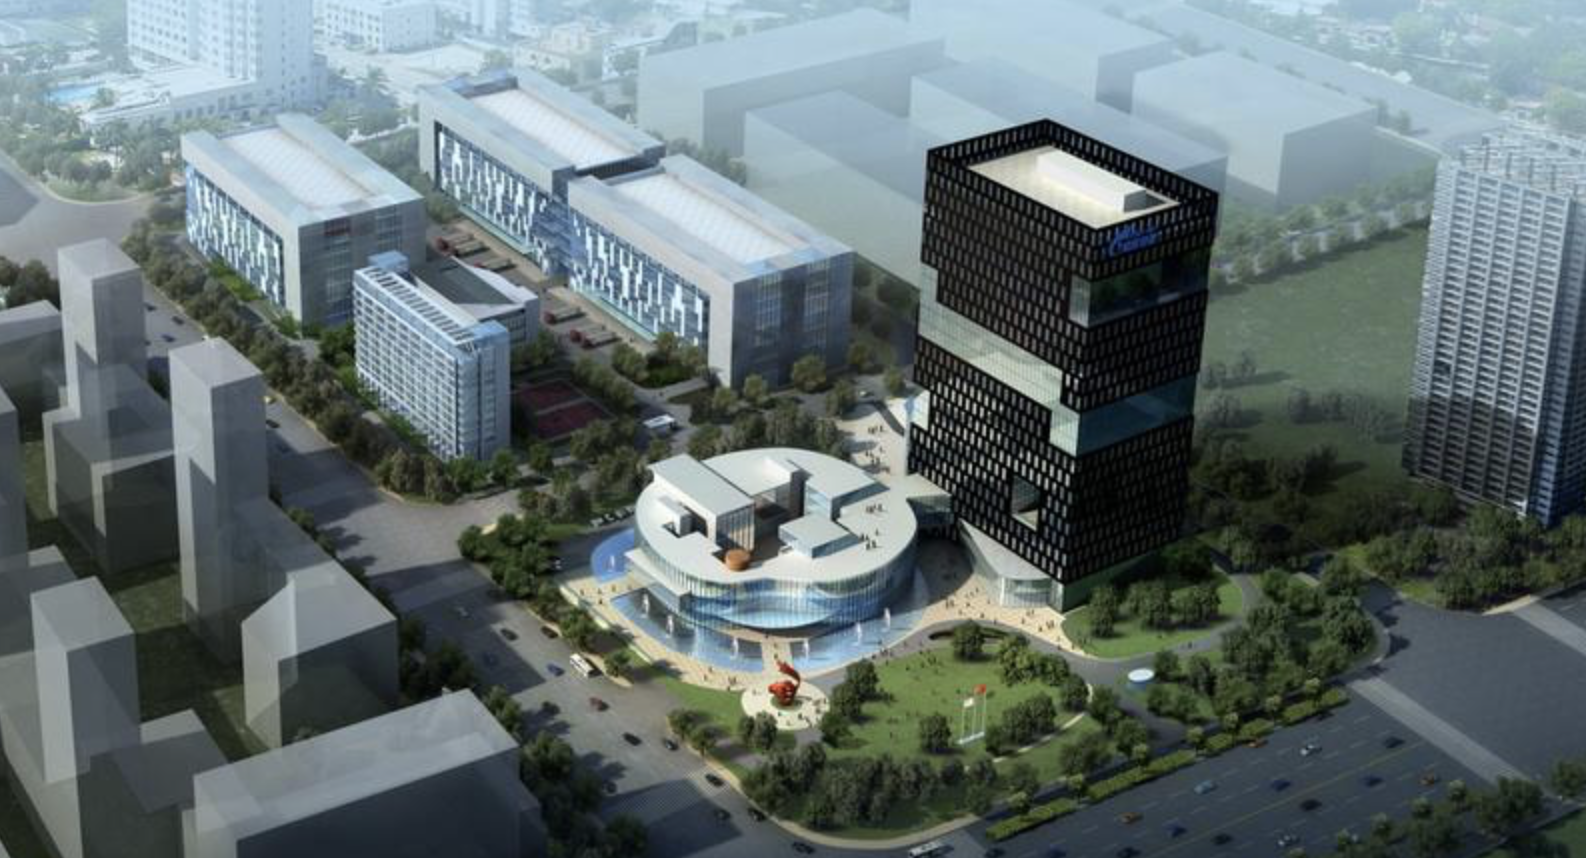 星网锐捷作为首批且省内唯一入选 国家首批先进制造业和现代服务业融合发展试点下载